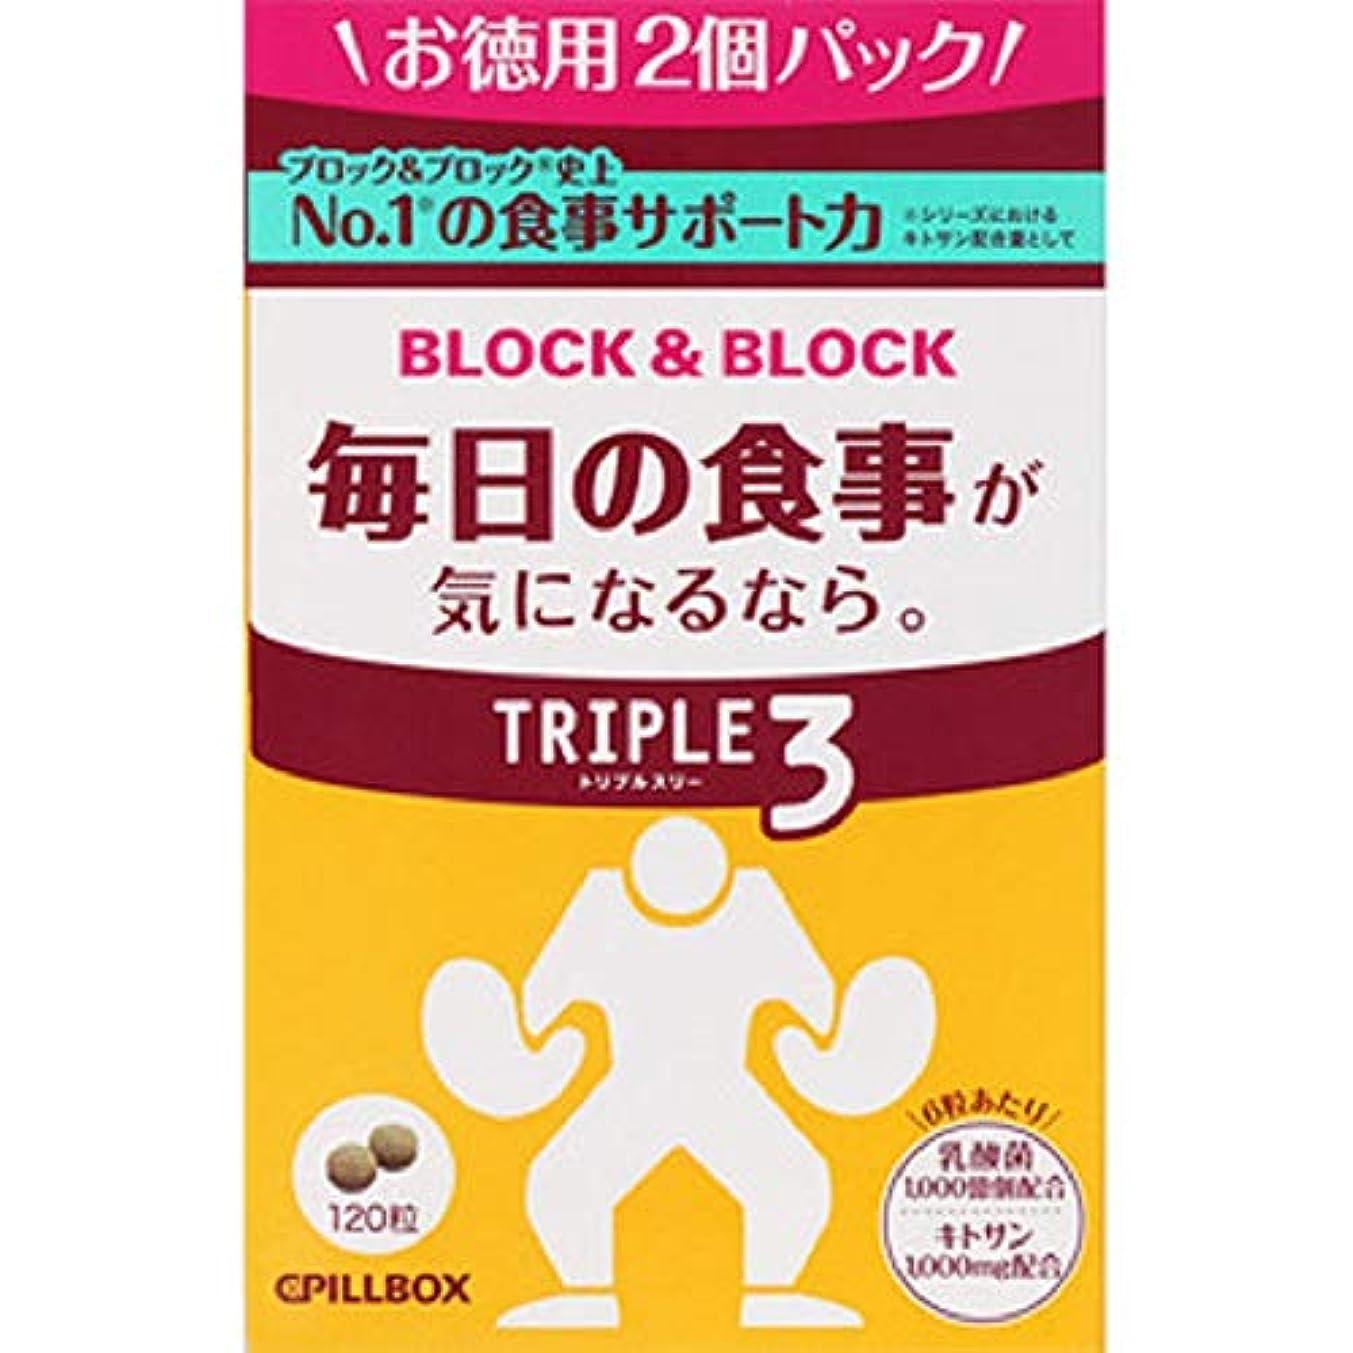 びんペット急いでピルボックスジャパン ブロック&ブロック トリプル3 お徳用パック 60粒x2個入り